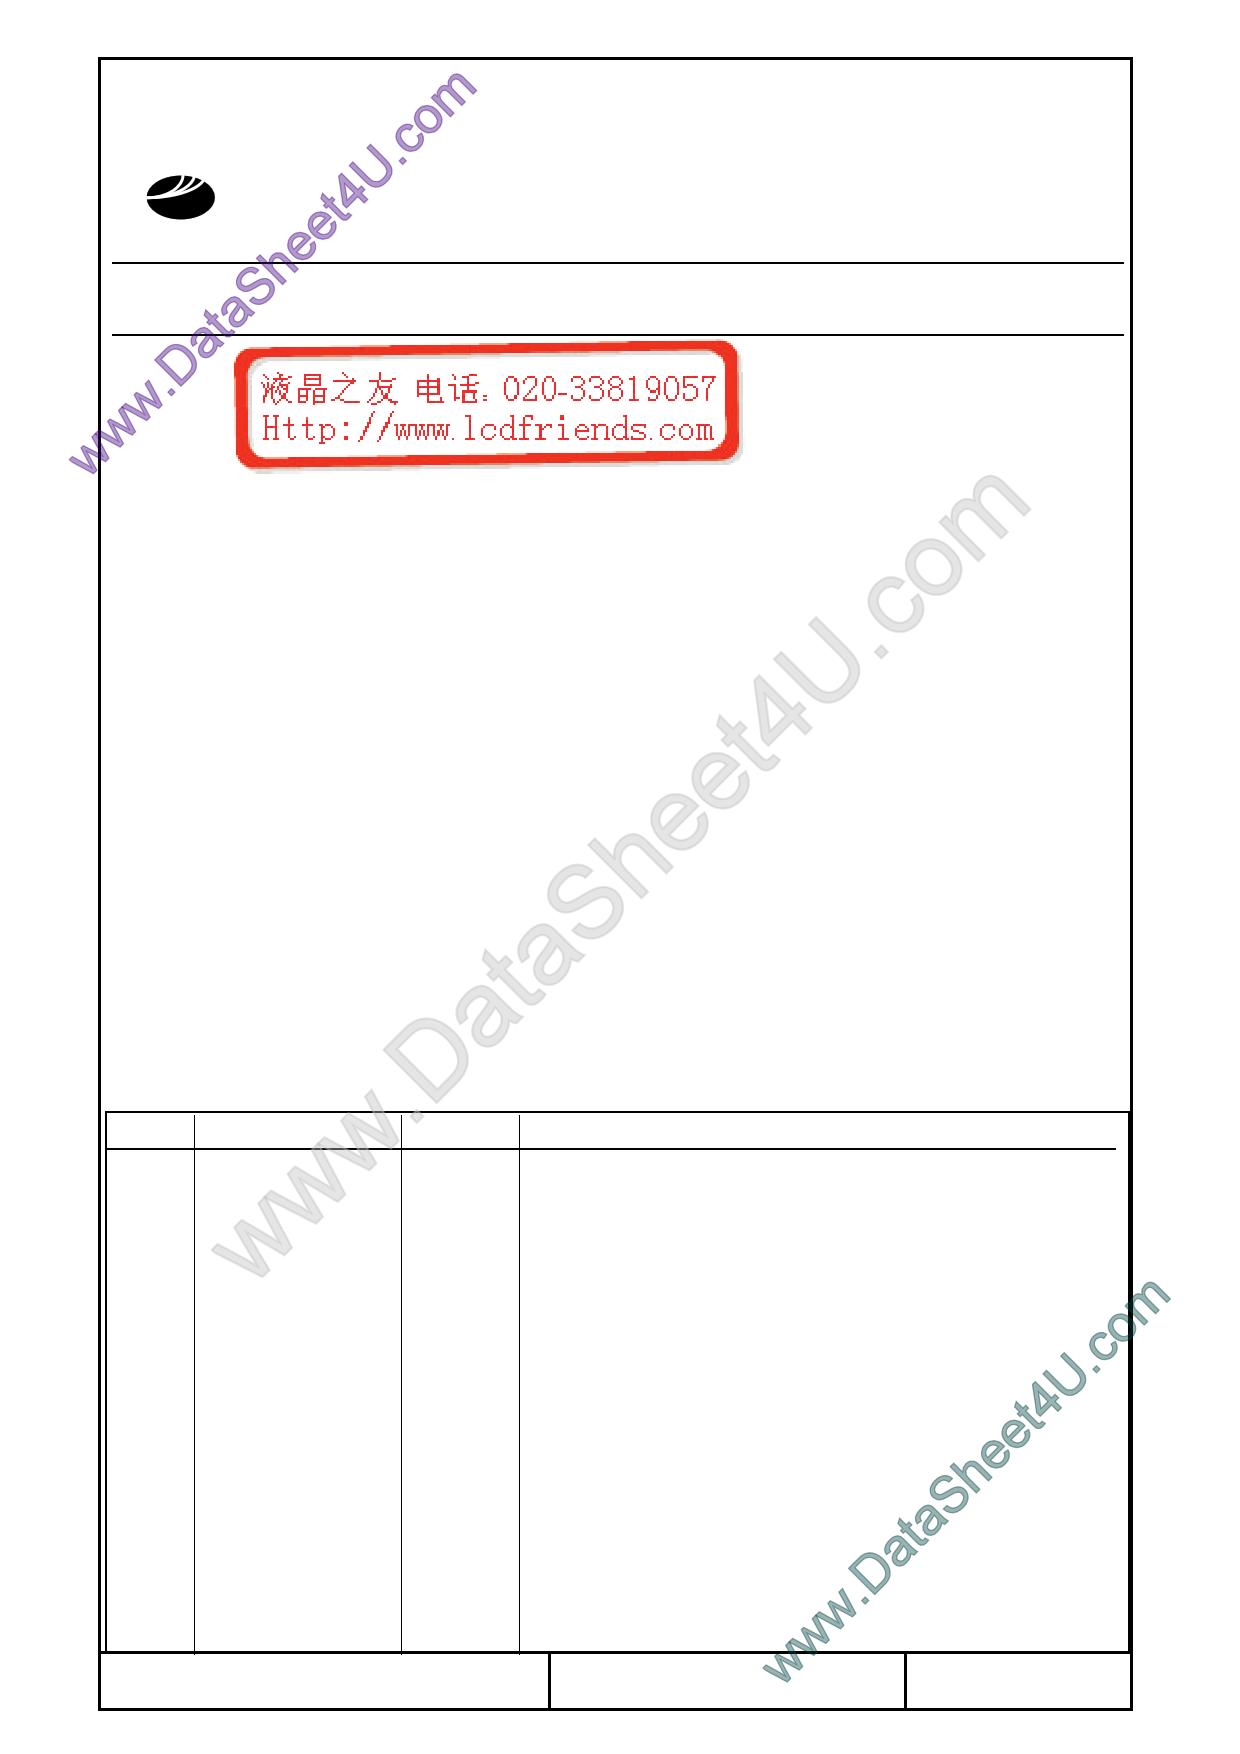 T-51381L064J_FW_P_AD دیتاشیت PDF